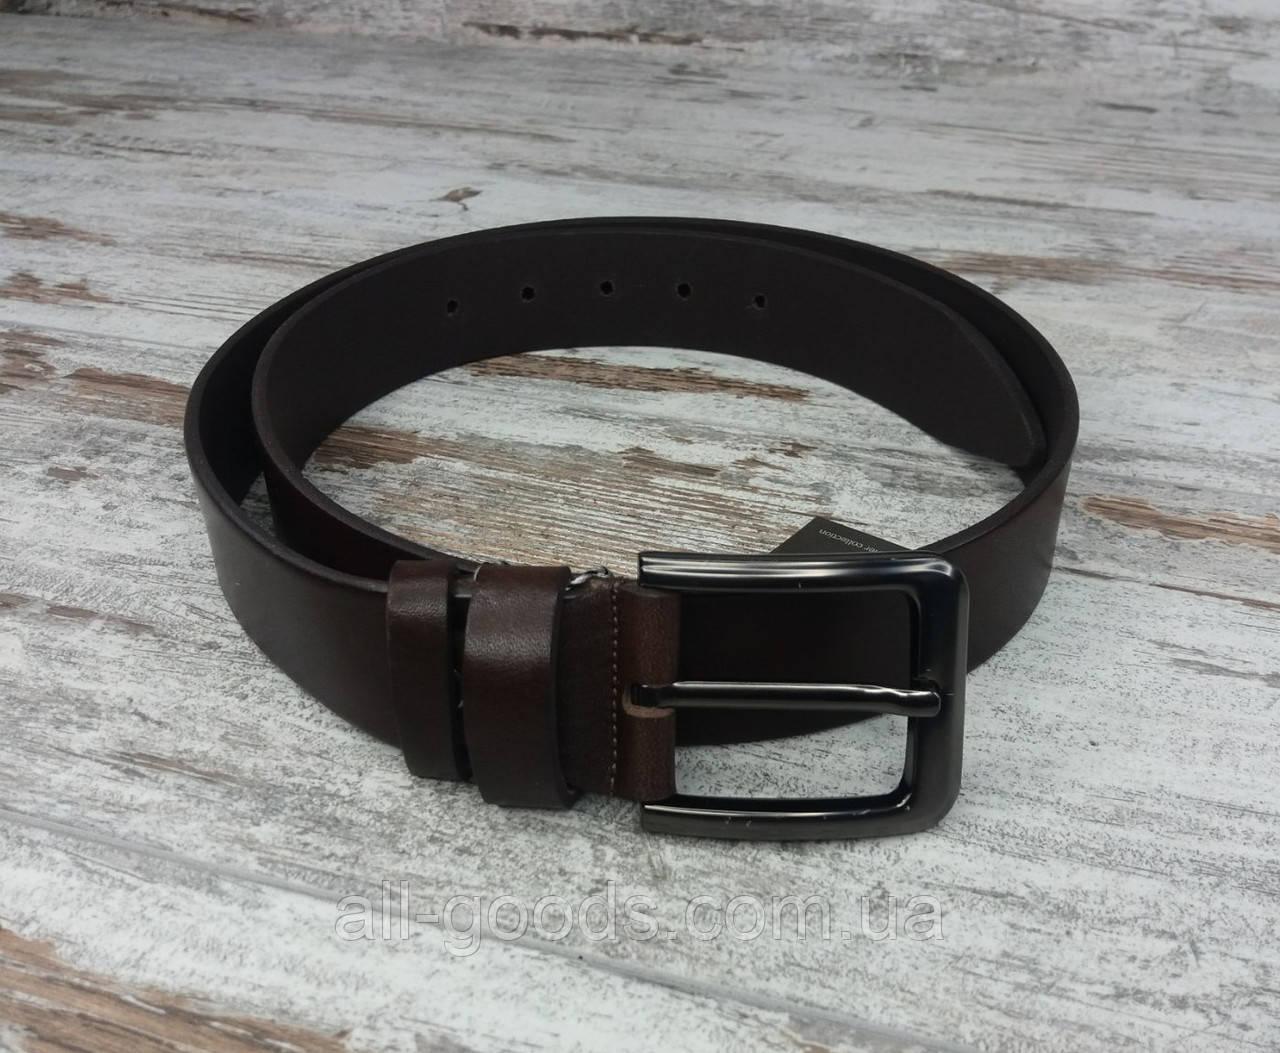 Качественный кожаный мужской джинсовый ремень коричневый 40 мм, прочный оригинальный модный ремень All